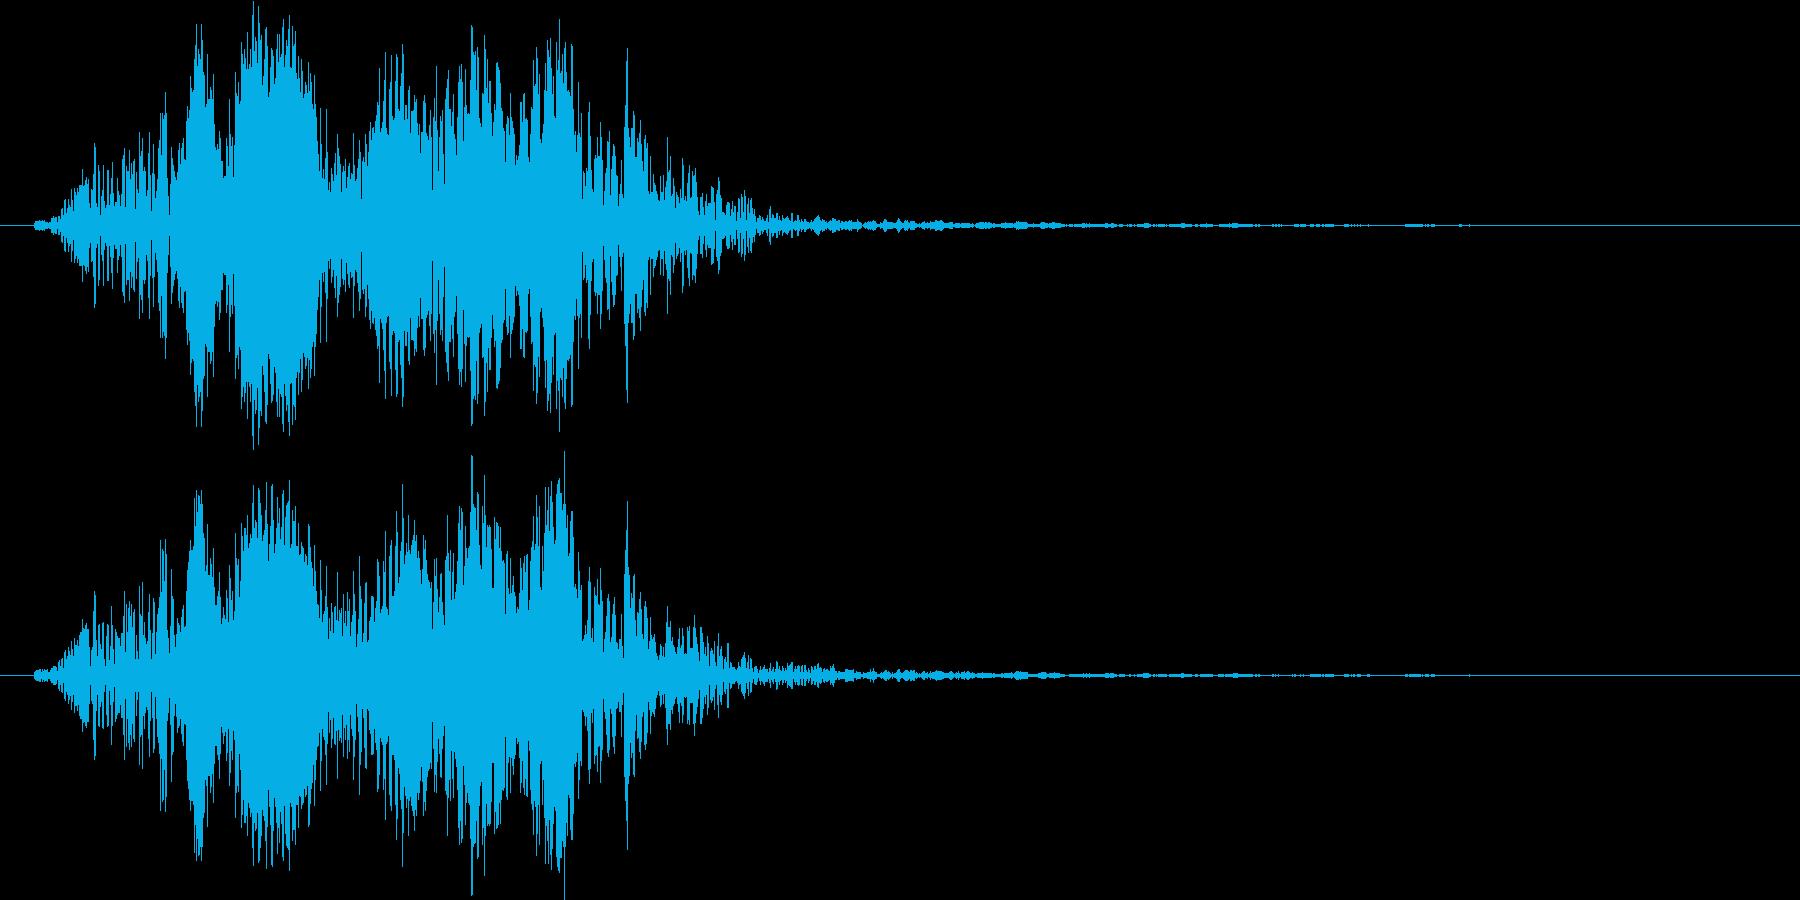 カリフォルニアアシカ(低めの声)の再生済みの波形